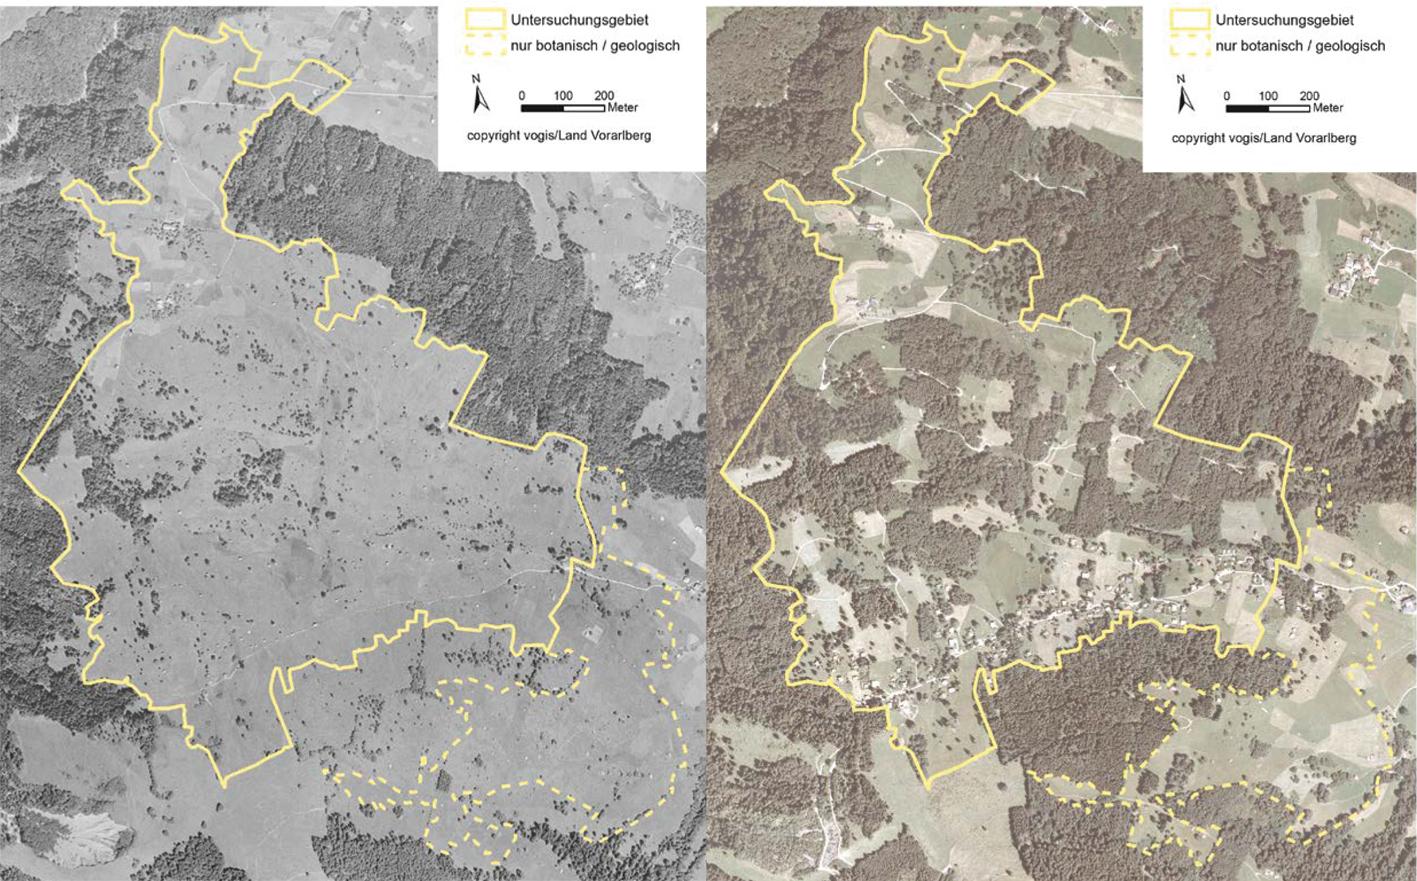 Der Vergleich der Luftbilder zeigt klar, dass sich der Wald von 1951 bis heute große Flächen zurückerobert hat.